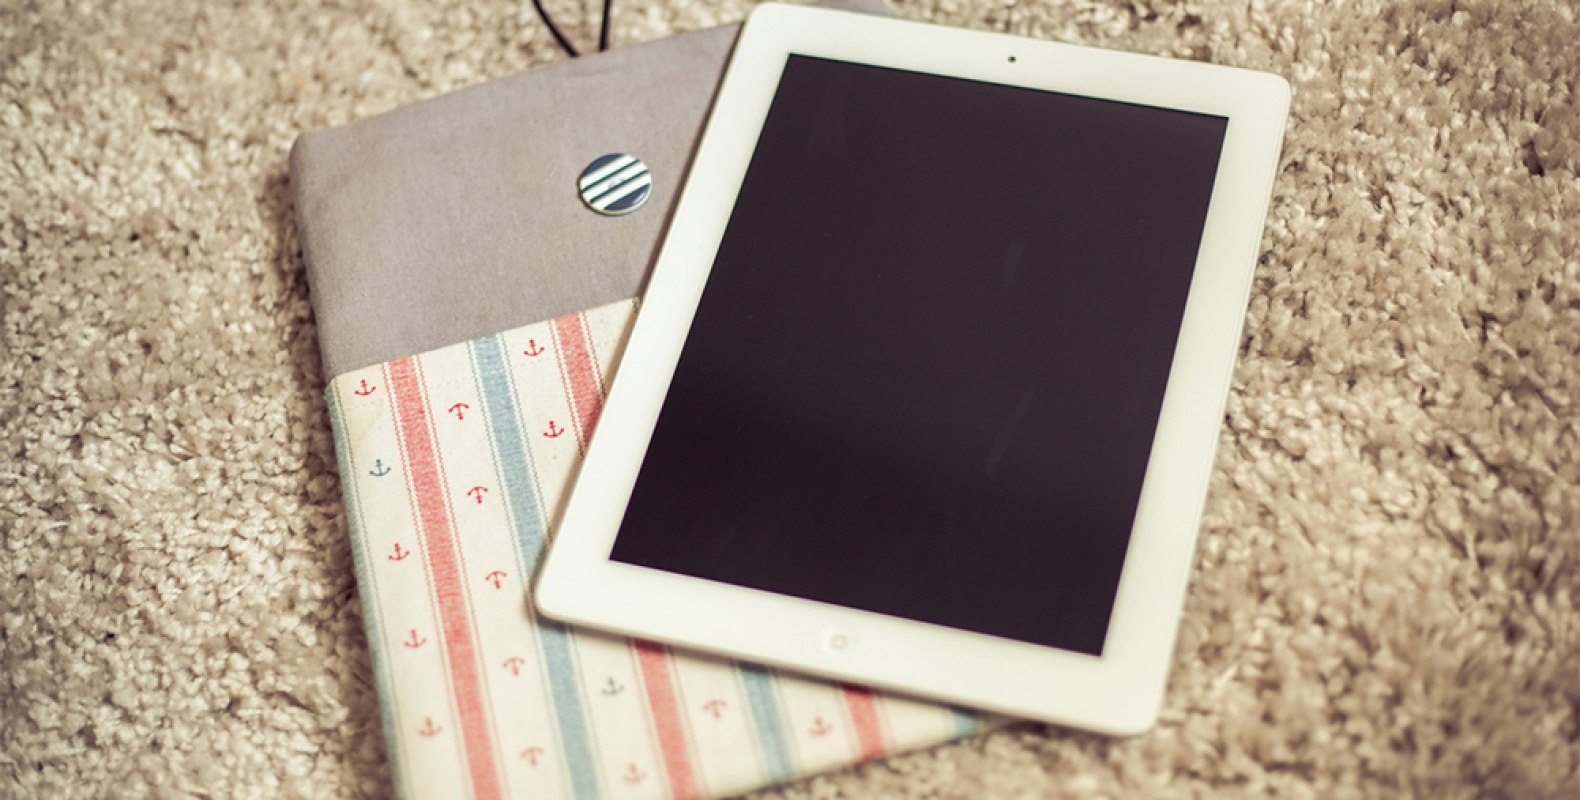 Buch VS Tablet